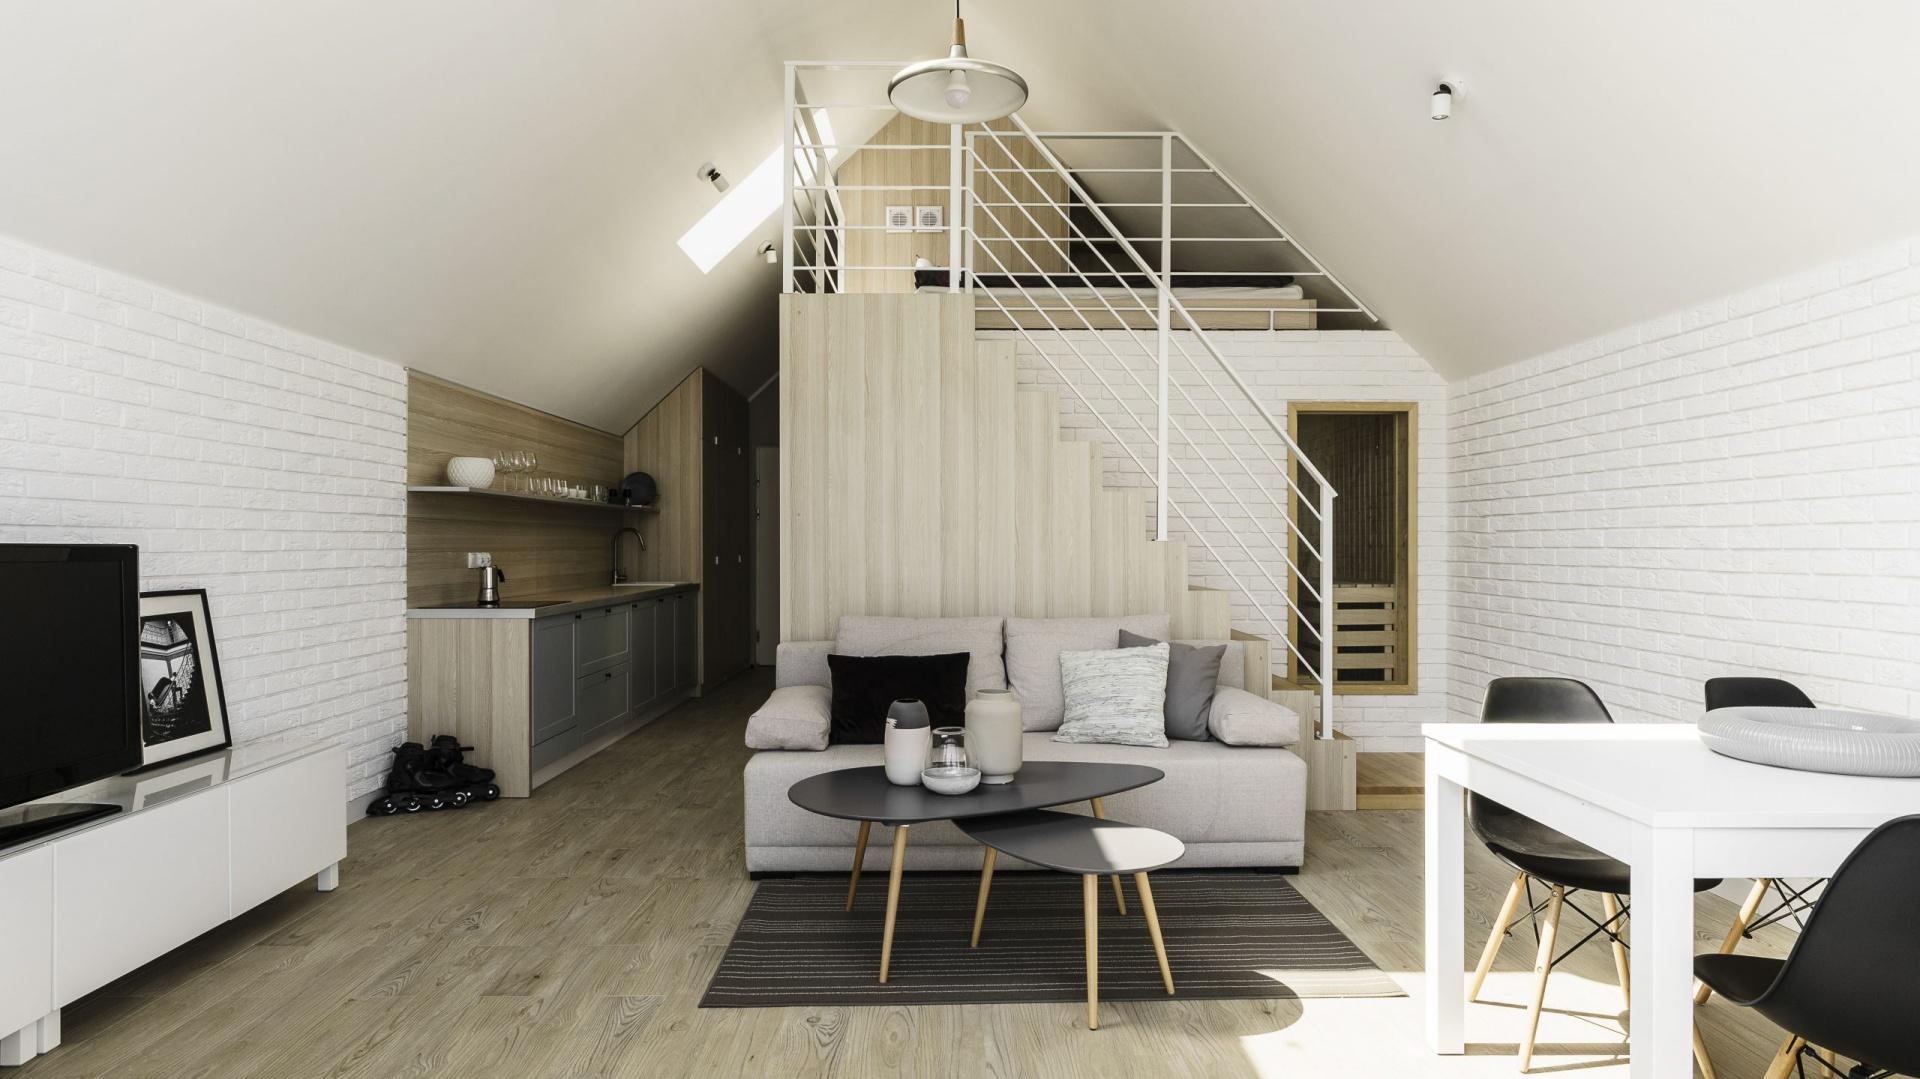 Dzięki architekturze budynku w mieszkaniu urządzono antresolę, której konstrukcja umożliwiła powiększenie łazienki o upragnioną przez inwestora saunę. Fot. FOTO&MOHITO